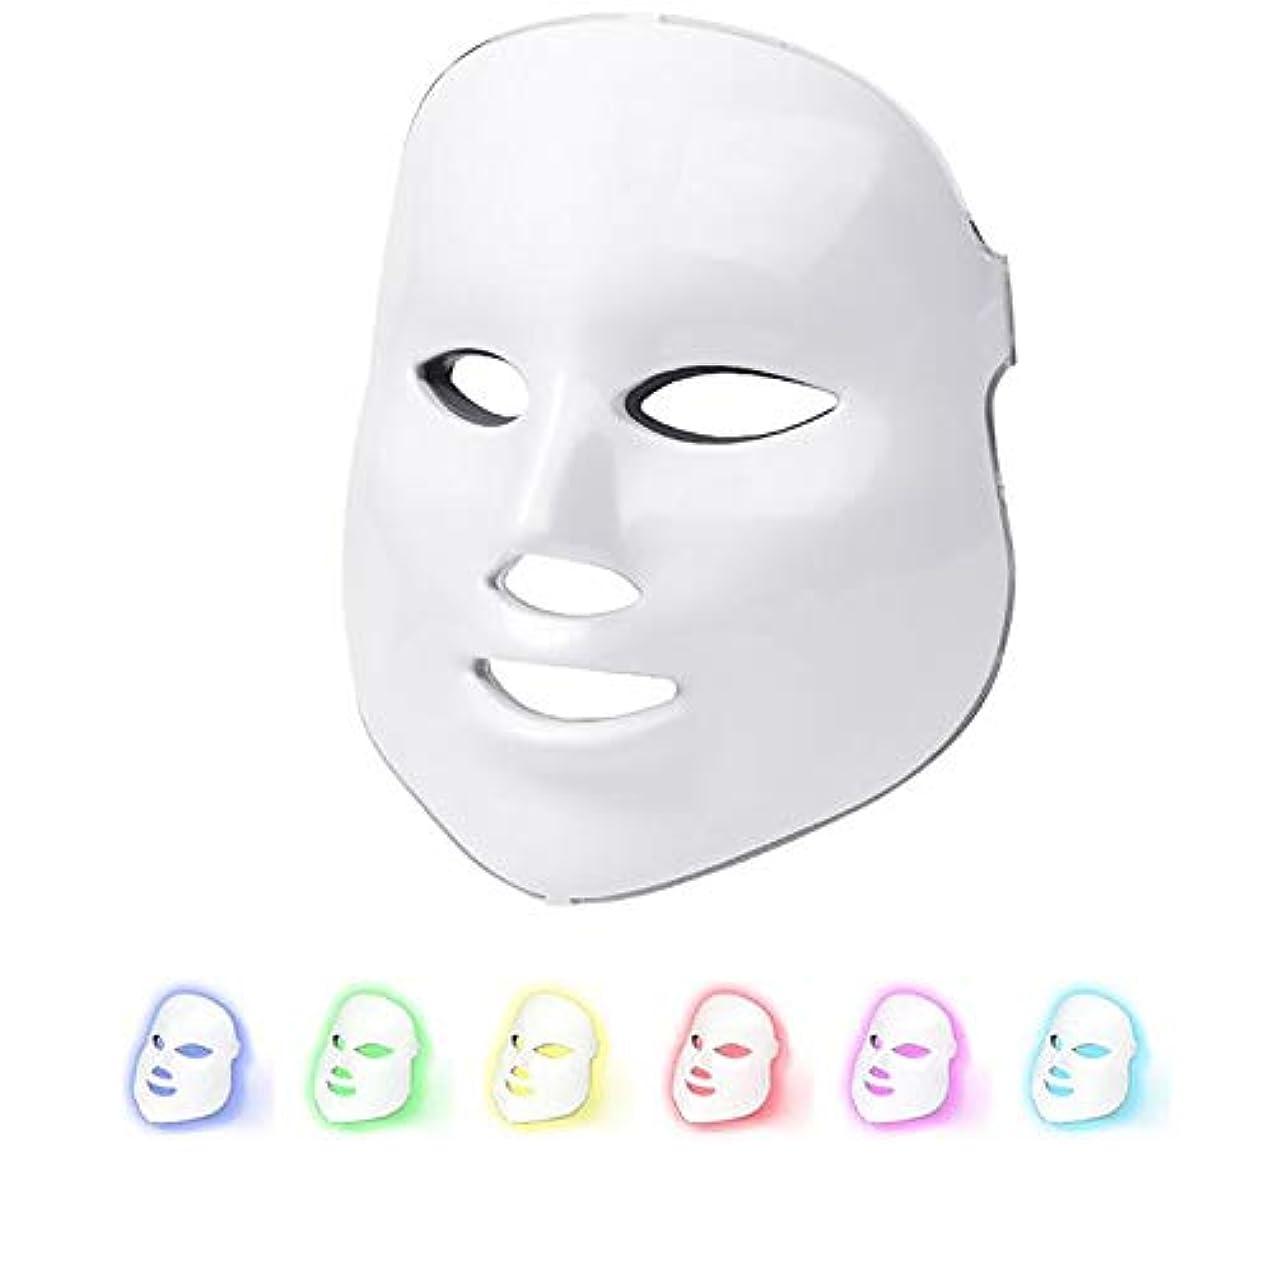 汚染する連帯デュアルライトセラピーマスク、7色LEDフェイスマスク、アンチエイジングファーミングスキン改善、健康な肌の若返り